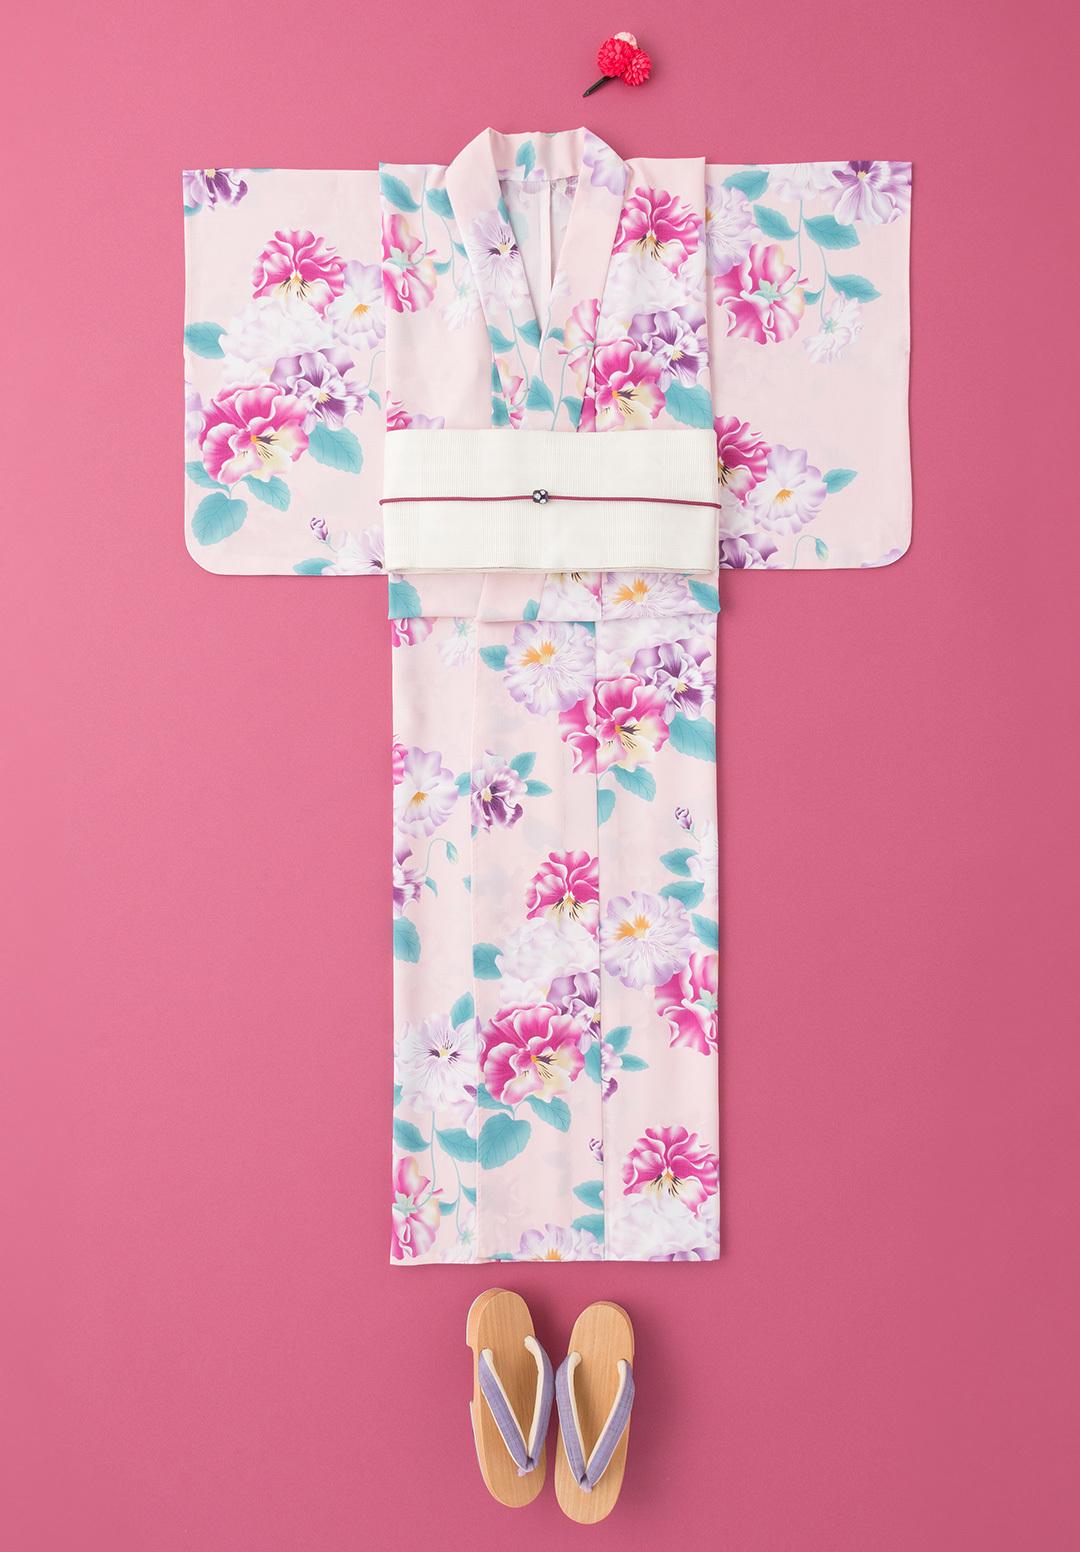 ゆかたと帯のデートコーデなら♡ ピンクとミントで可愛げ清楚な4選!【2019年ゆかた特集】_1_4-1